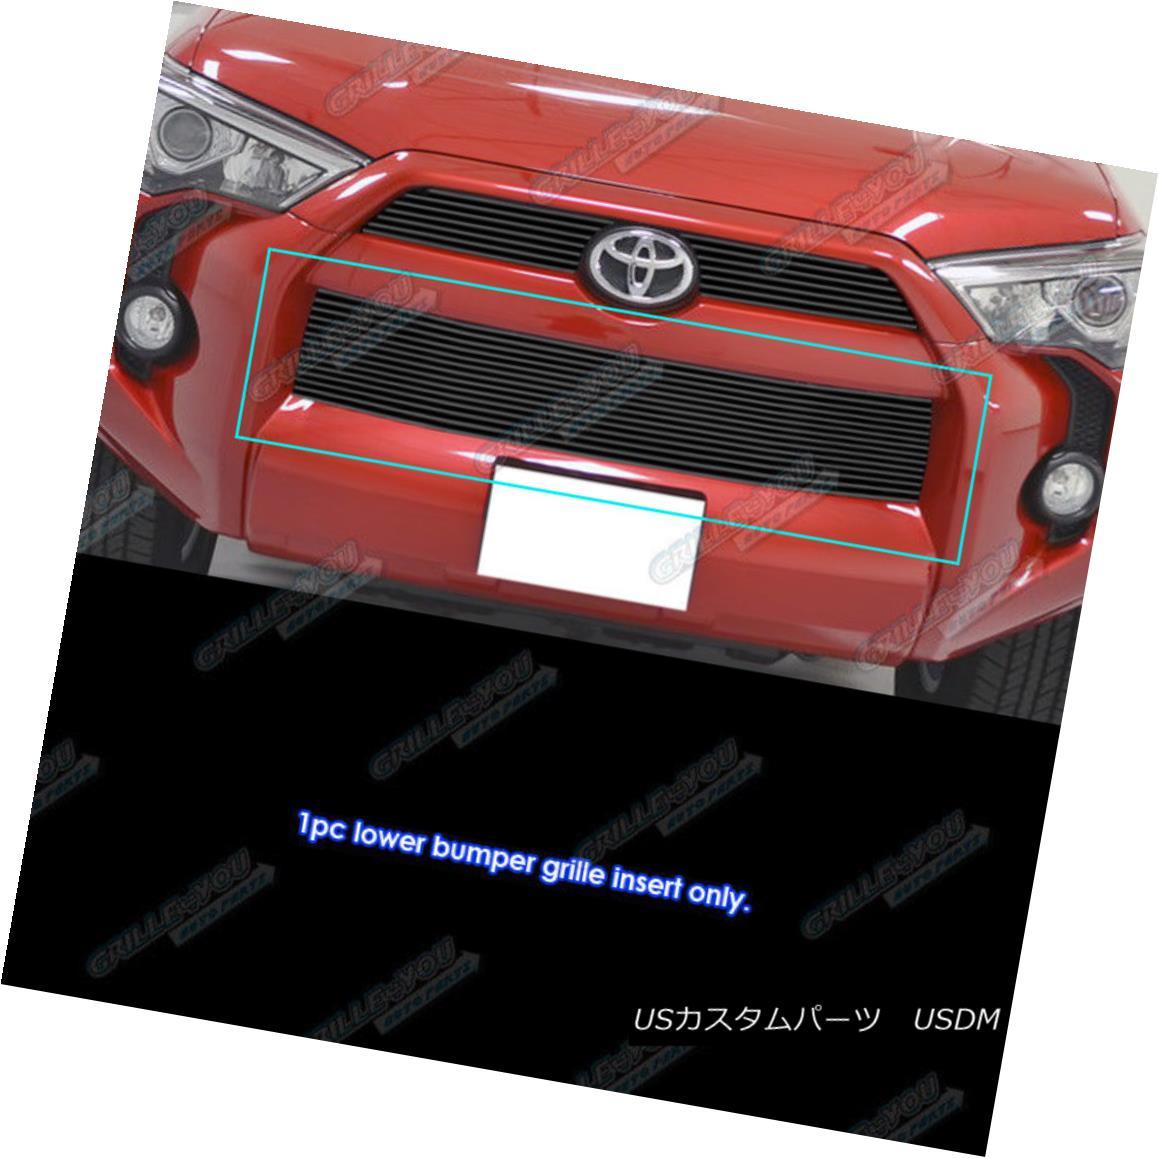 グリル For 2014-2018 Toyota 4Runner Regular Model Black Bumper Billet Grille Insert 2014-2018 Toyota 4Runnerレギュラーモデルブラックバンパービレットグリルインサート